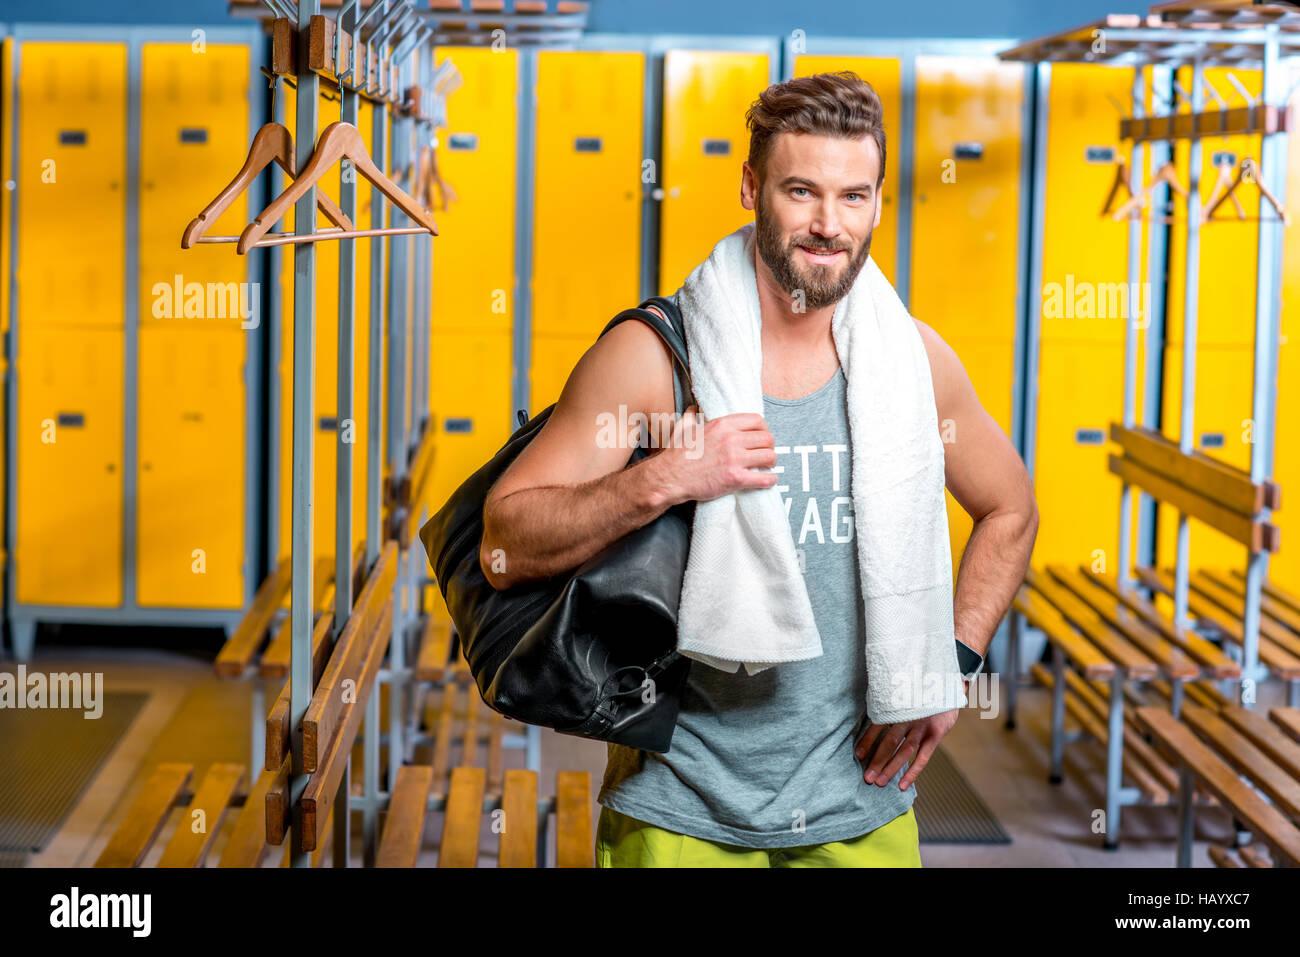 557e36680542 L homme sportif dans le vestiaire Banque D Images, Photo Stock ...